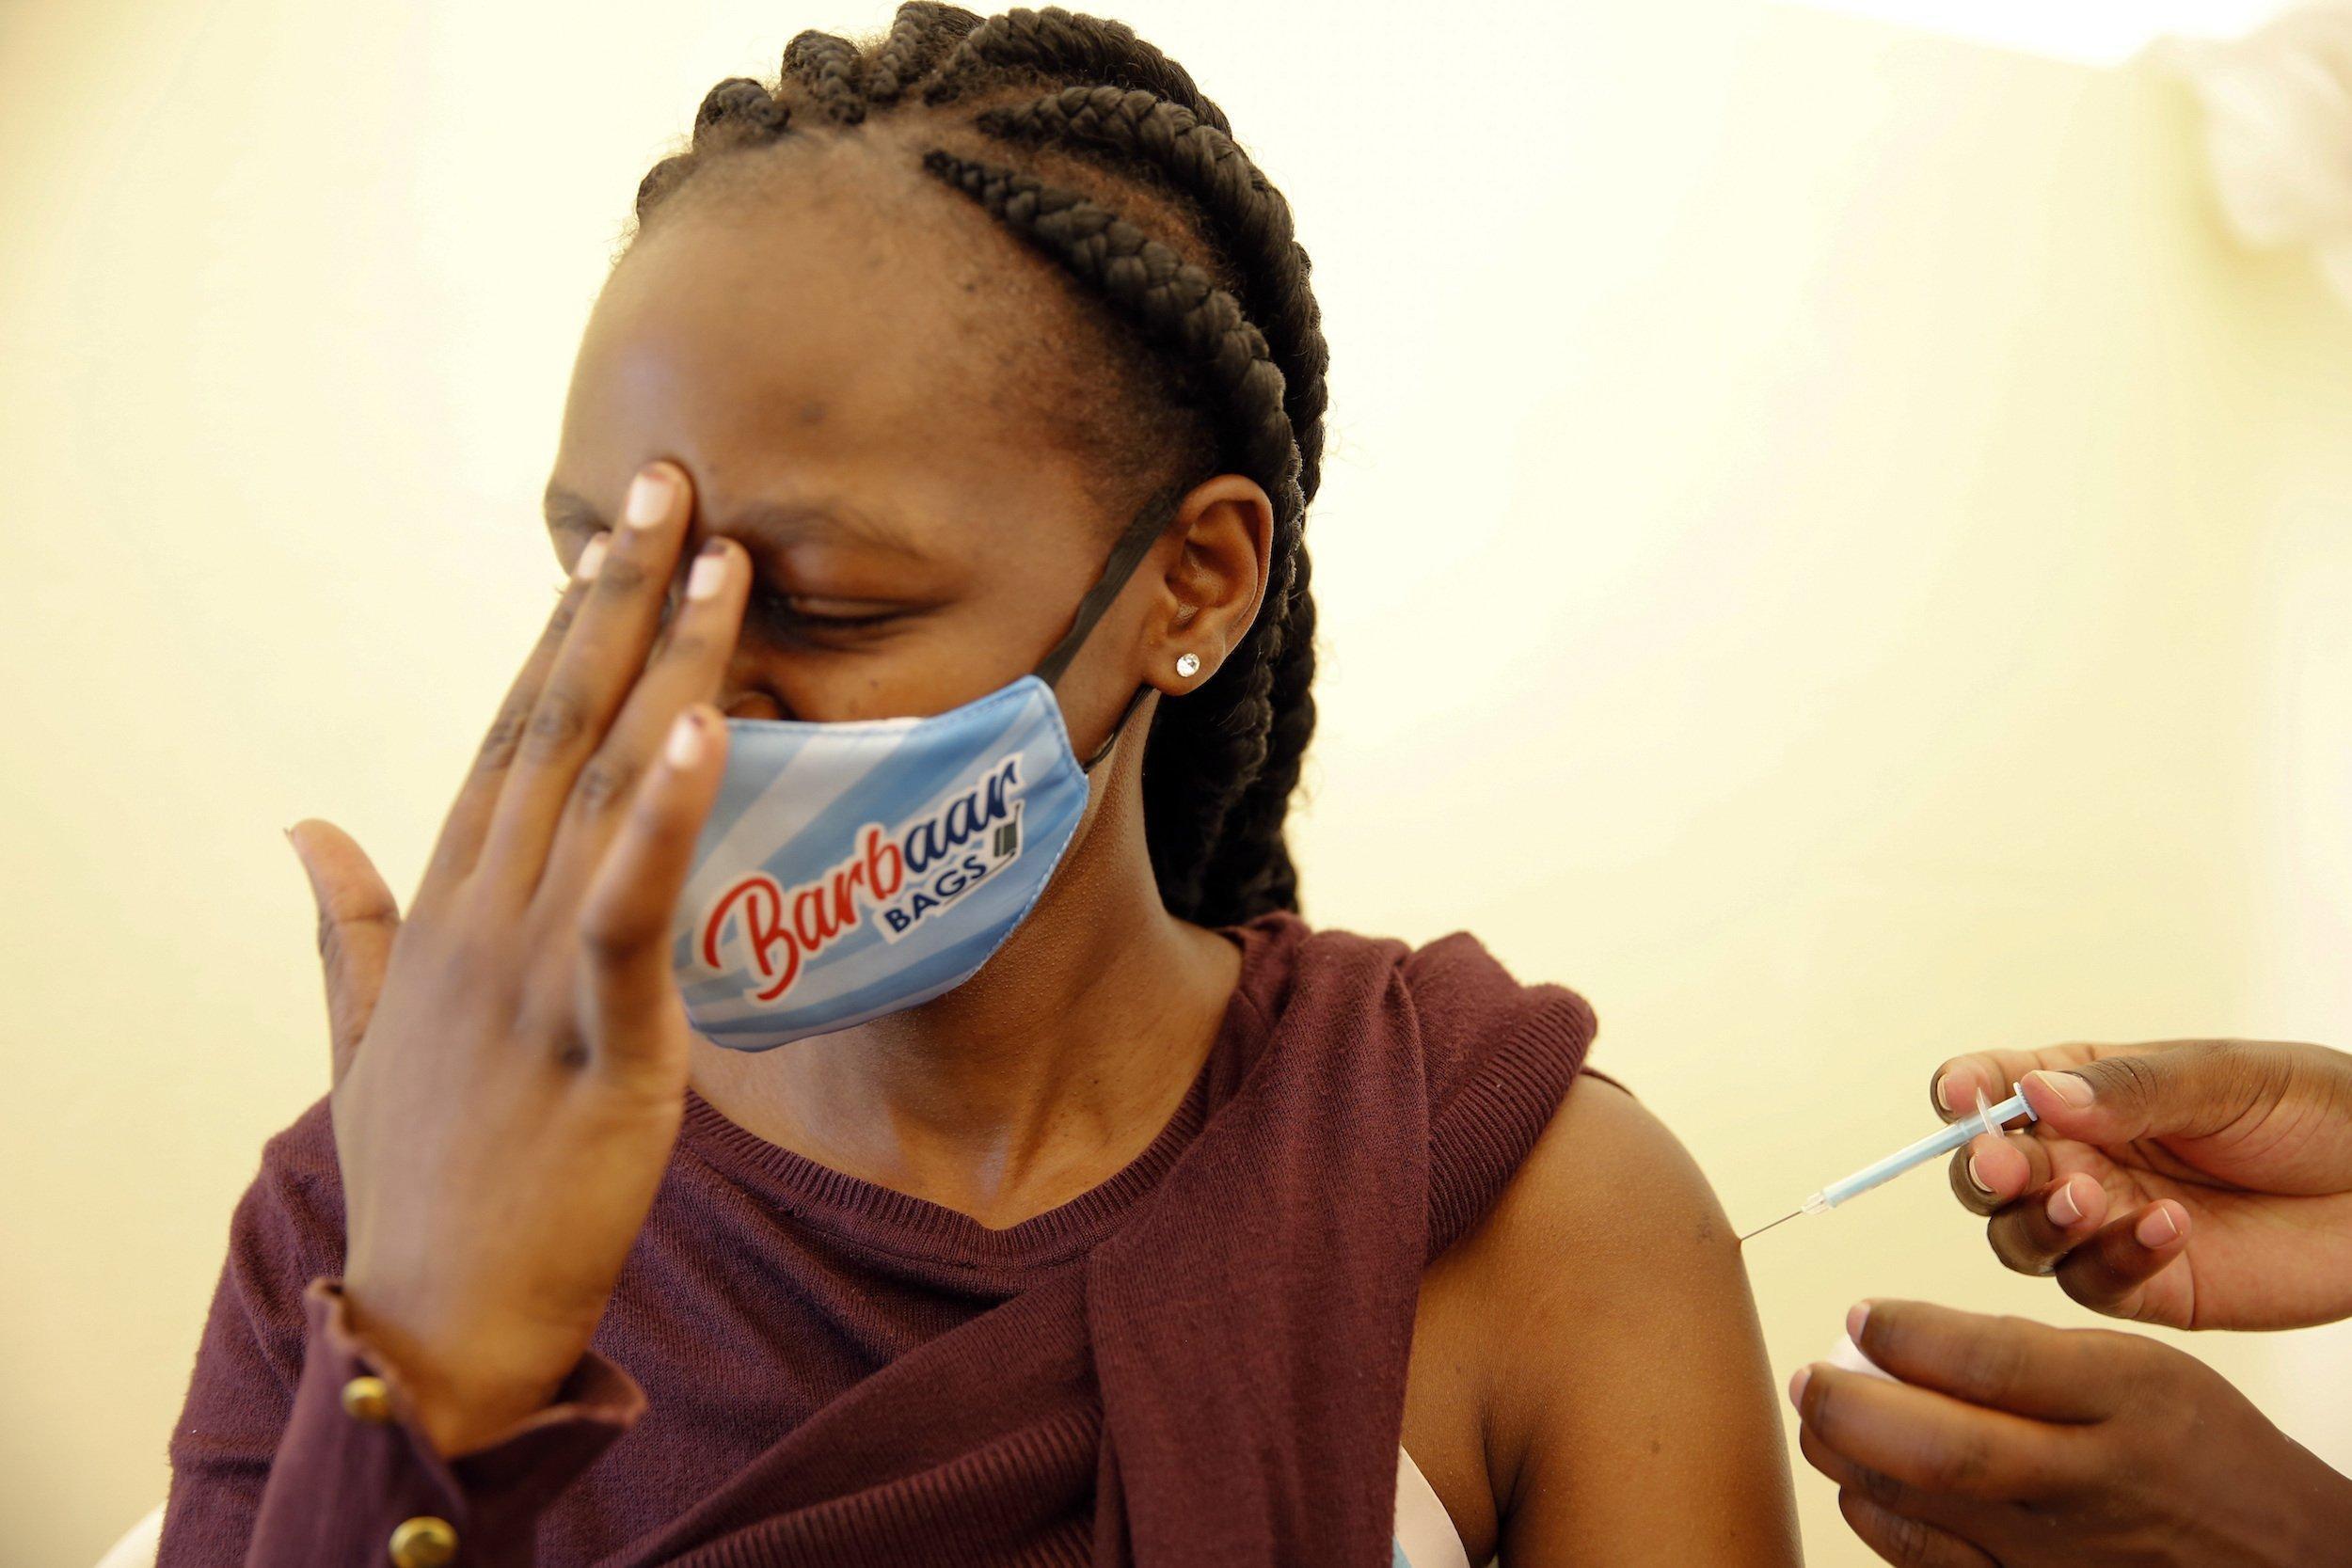 Die junge schwarze Frau hält sich die Finger ihrer rechten Hand an die Stirn, während sie die Impfspritze in den linken Oberarm bekommt.